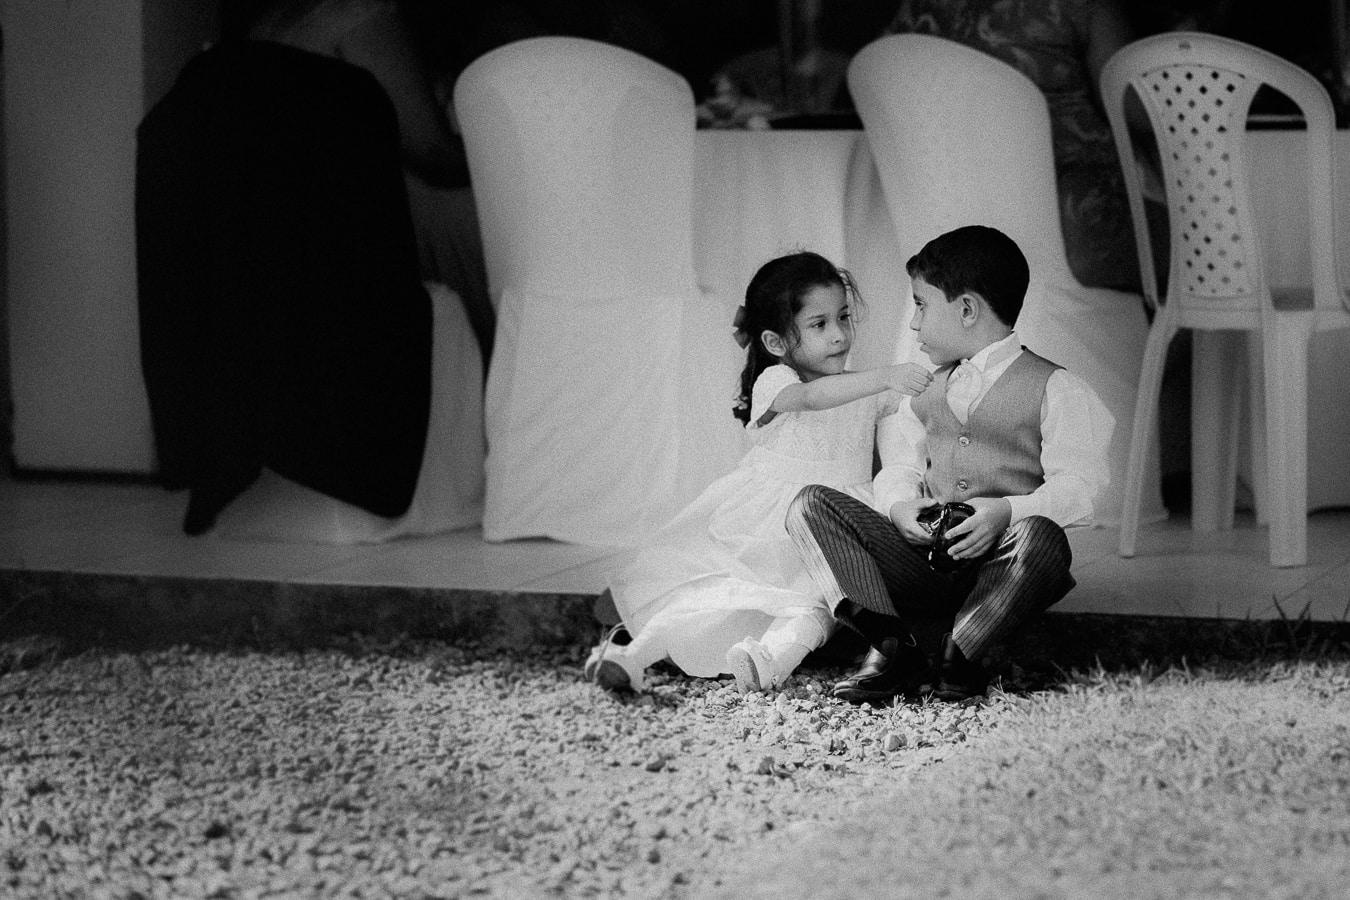 Fotografias de Crianças em Casamentos. Dama de honra e Pajem por Arthur Rosa.